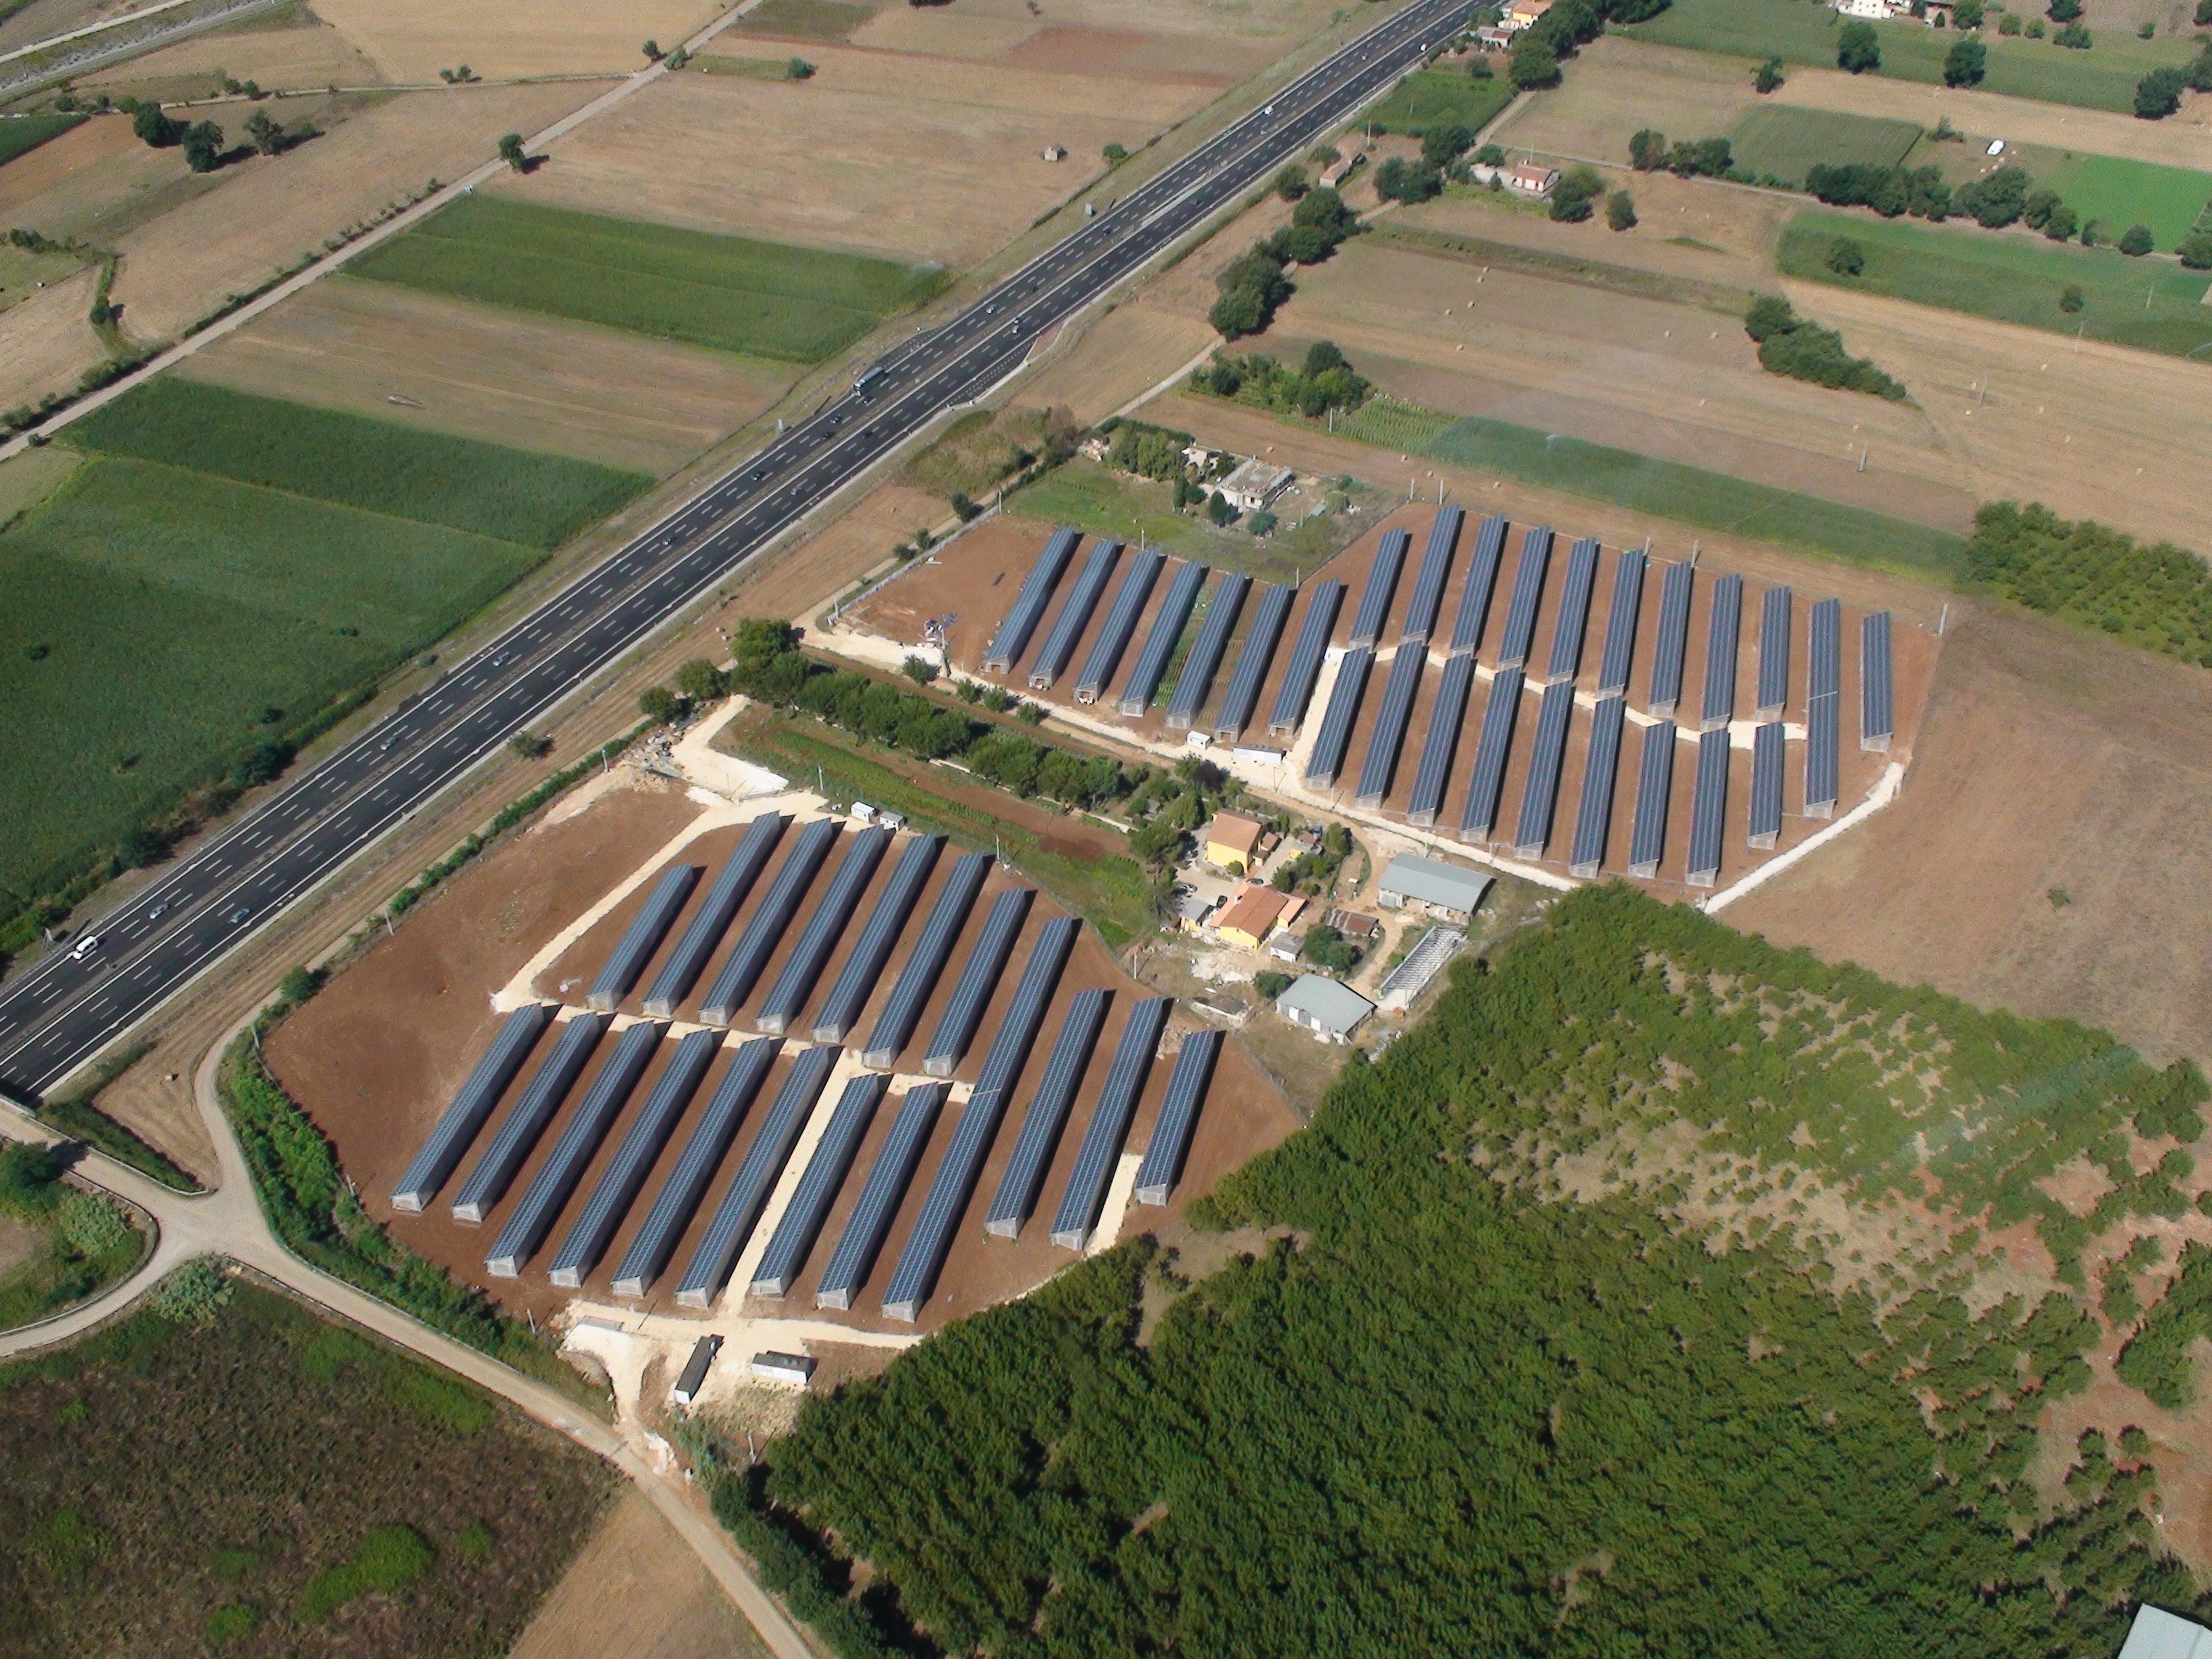 Eurener instala 10 MW en Italia, proyecta otros 15 MW y participa en la feria Zeroemission de Roma